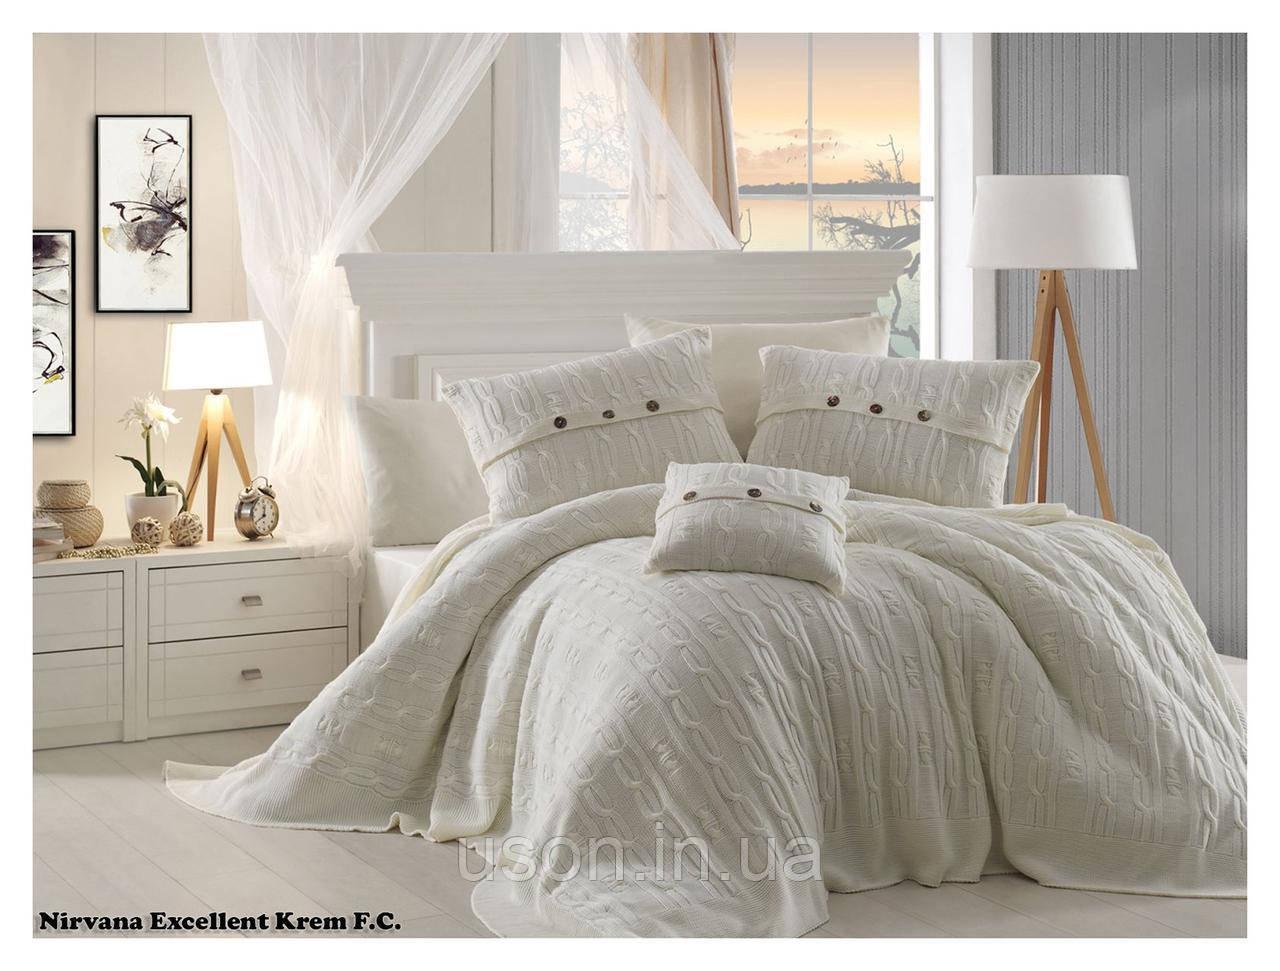 Комплект постельного белья  first choice евро размер c покрывалом Nirvana Excellent krem